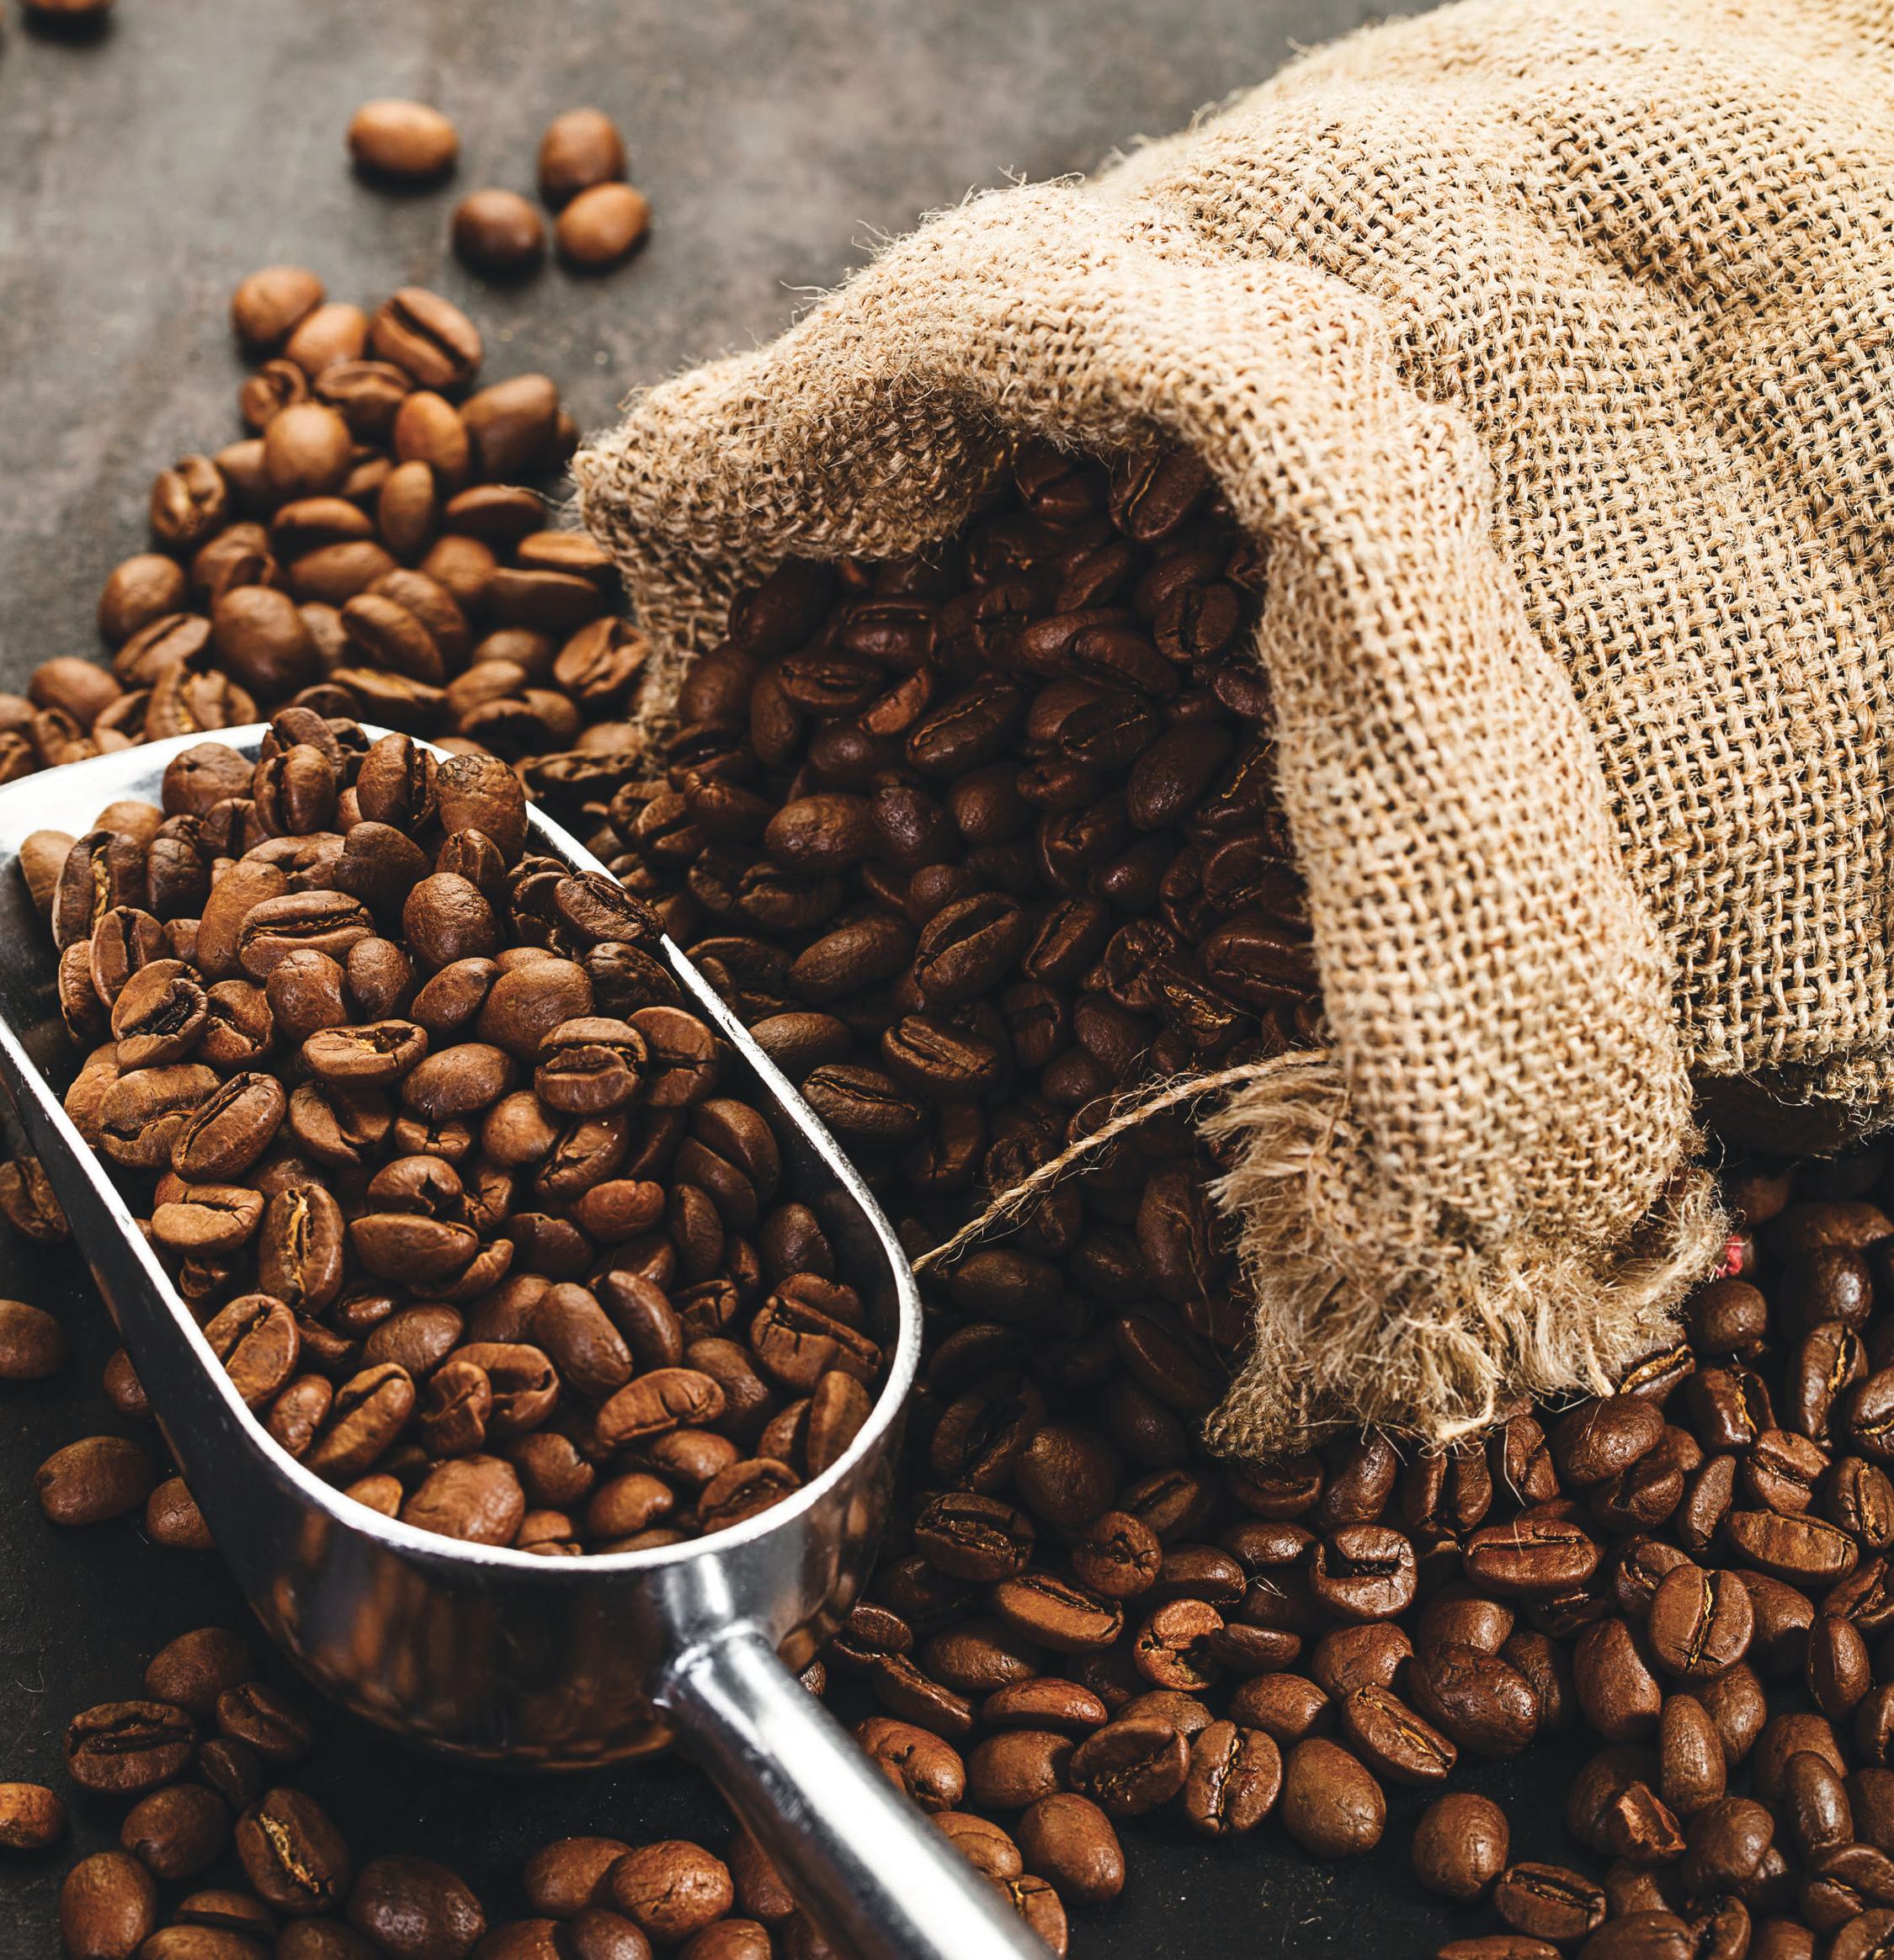 커피가 어떻게 발견되어 발전해왔는지, 그리고 역사 속에서 어떻게 하나의 문화로 꽃피워왔는지를 담고 있다.